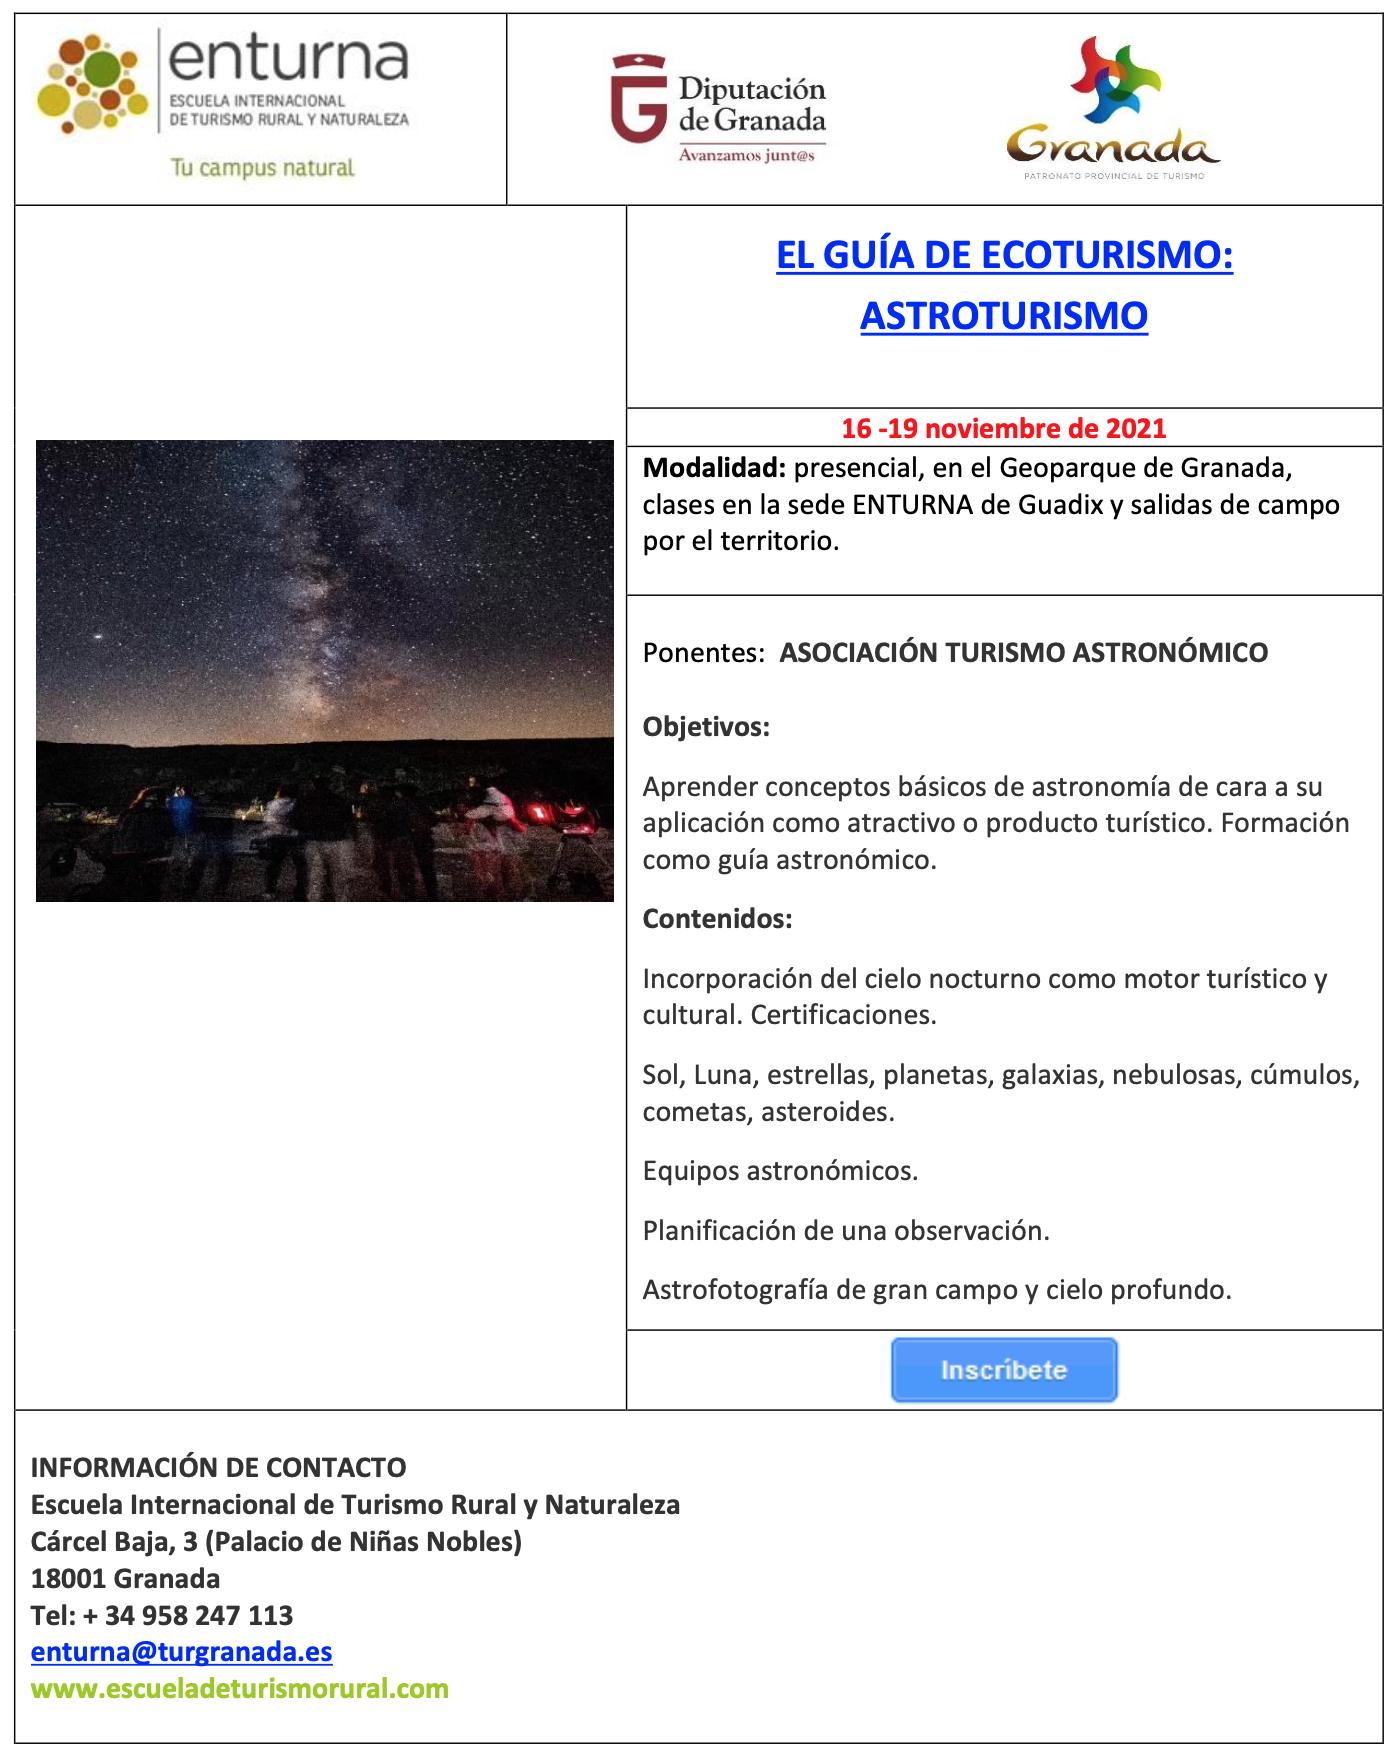 Screenshot 2021 10 11 at 18.34.27 - EL GUÍA DE ECOTURISMO: ASTROTURISMO - Geoparque de Granada